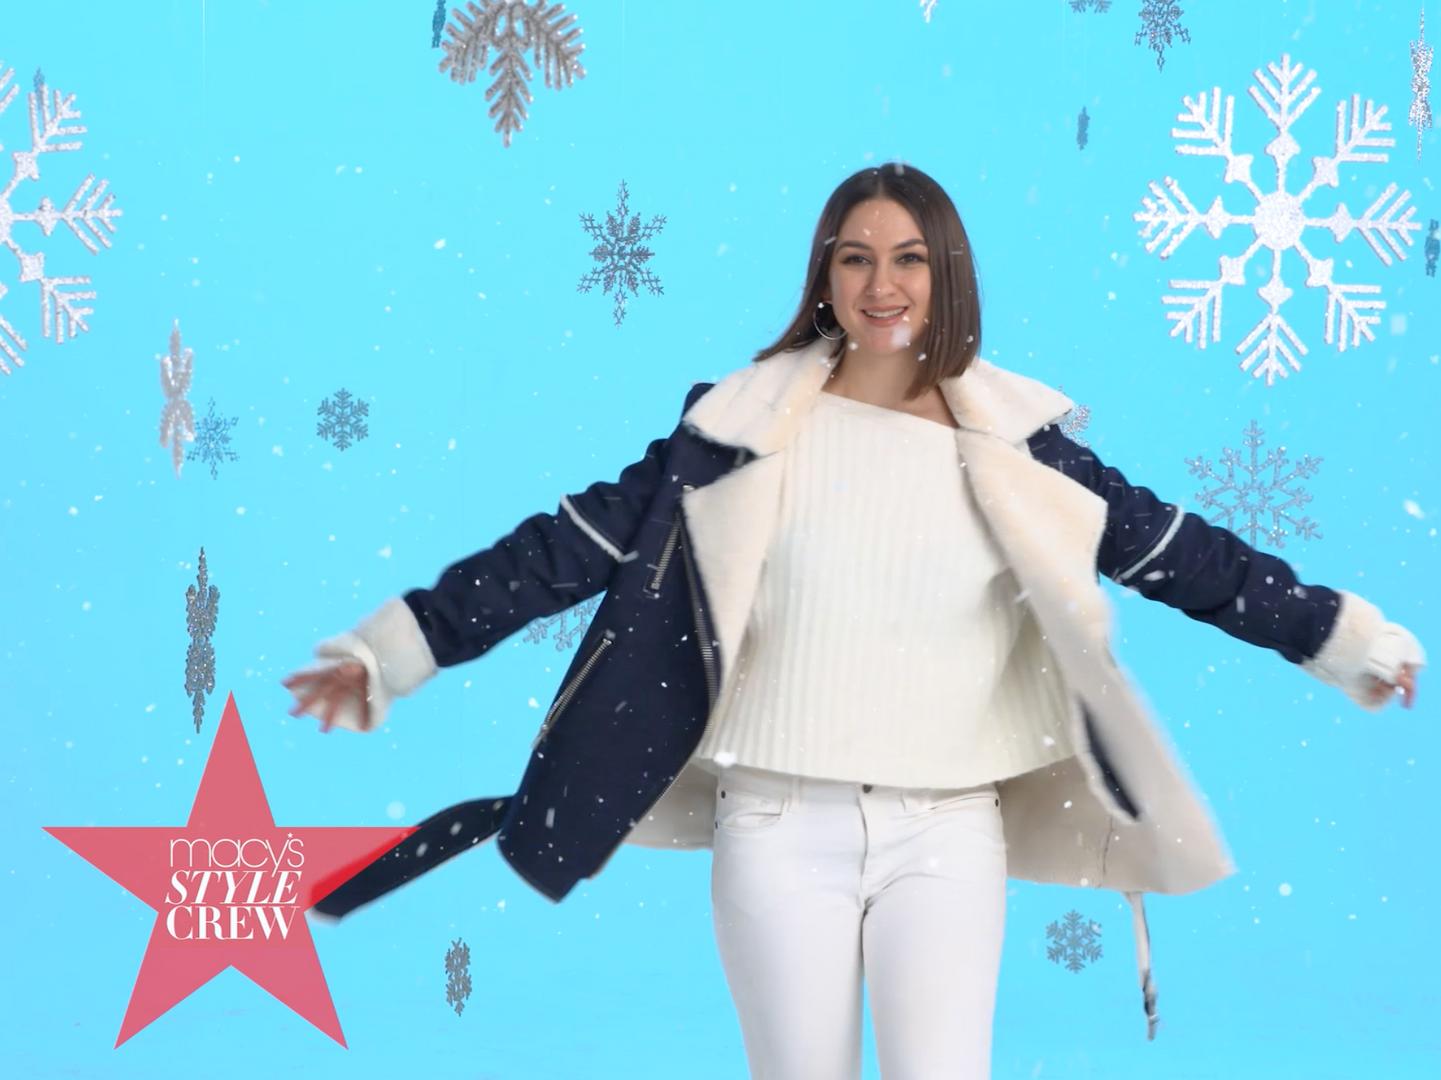 Macy's Winter Lookbook